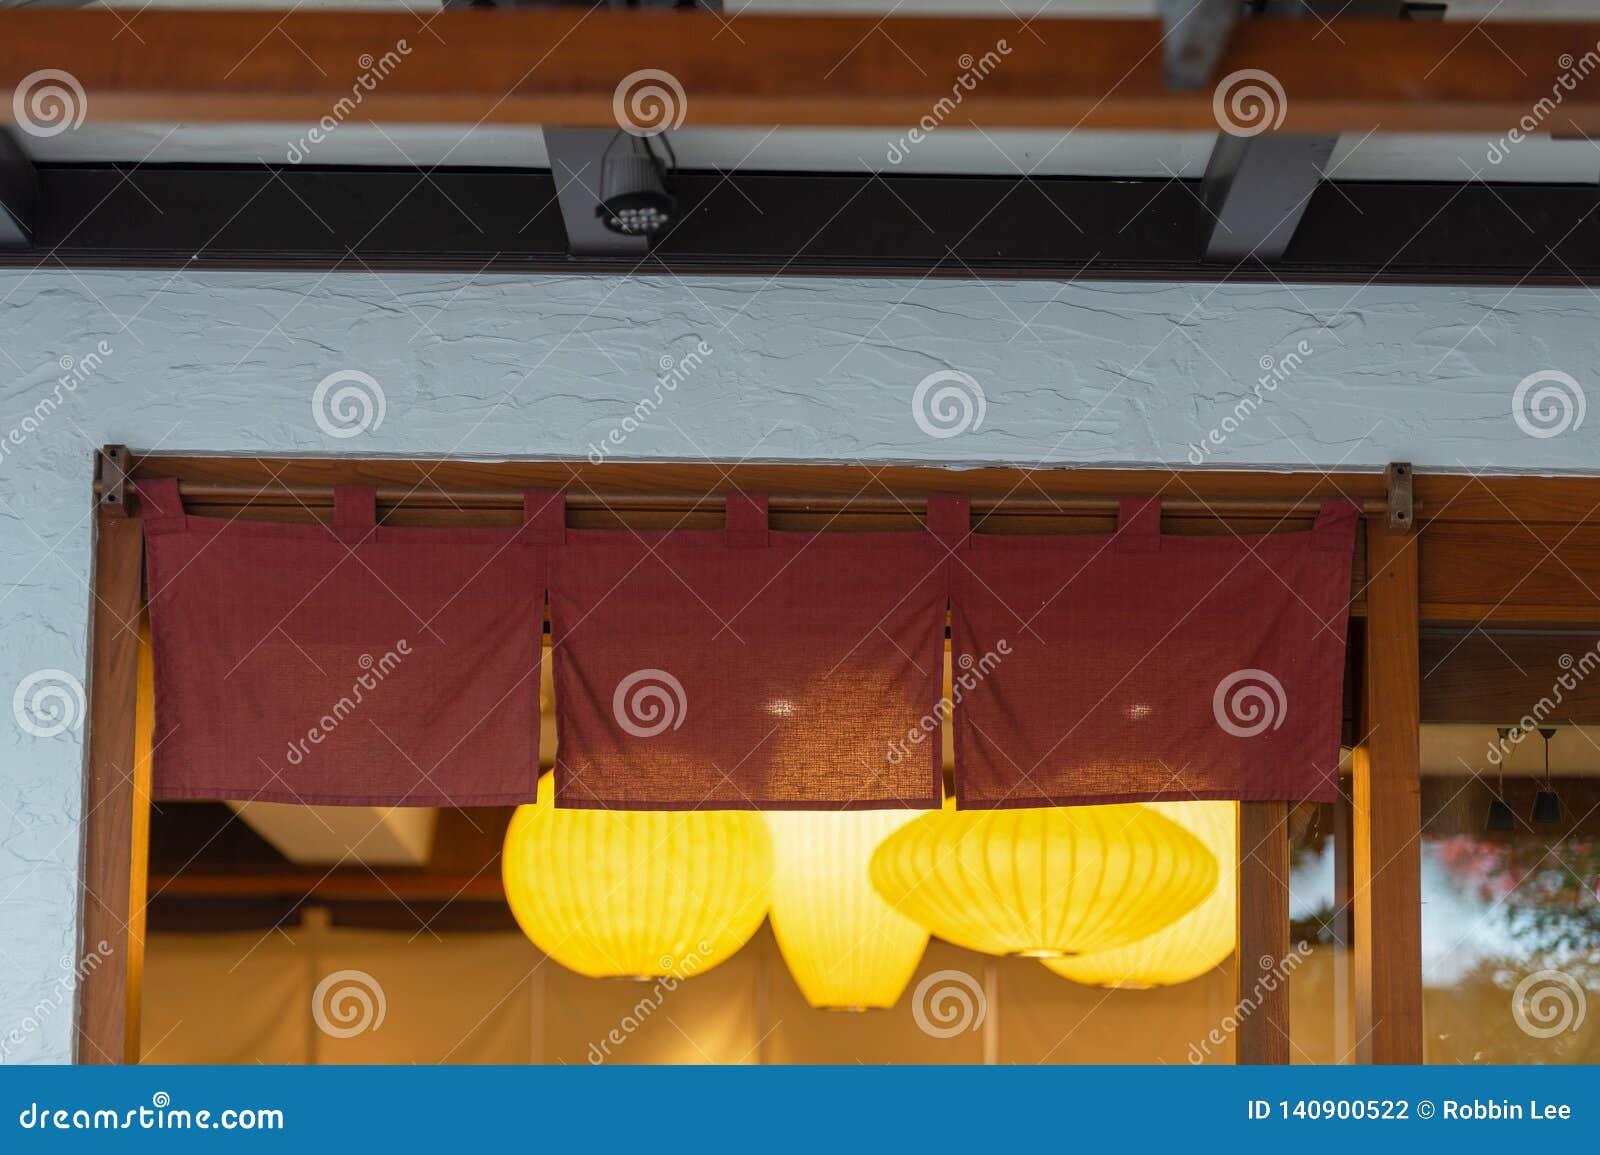 Cortina-como la tela que cuelga delante de restaurantes japoneses tradicionales